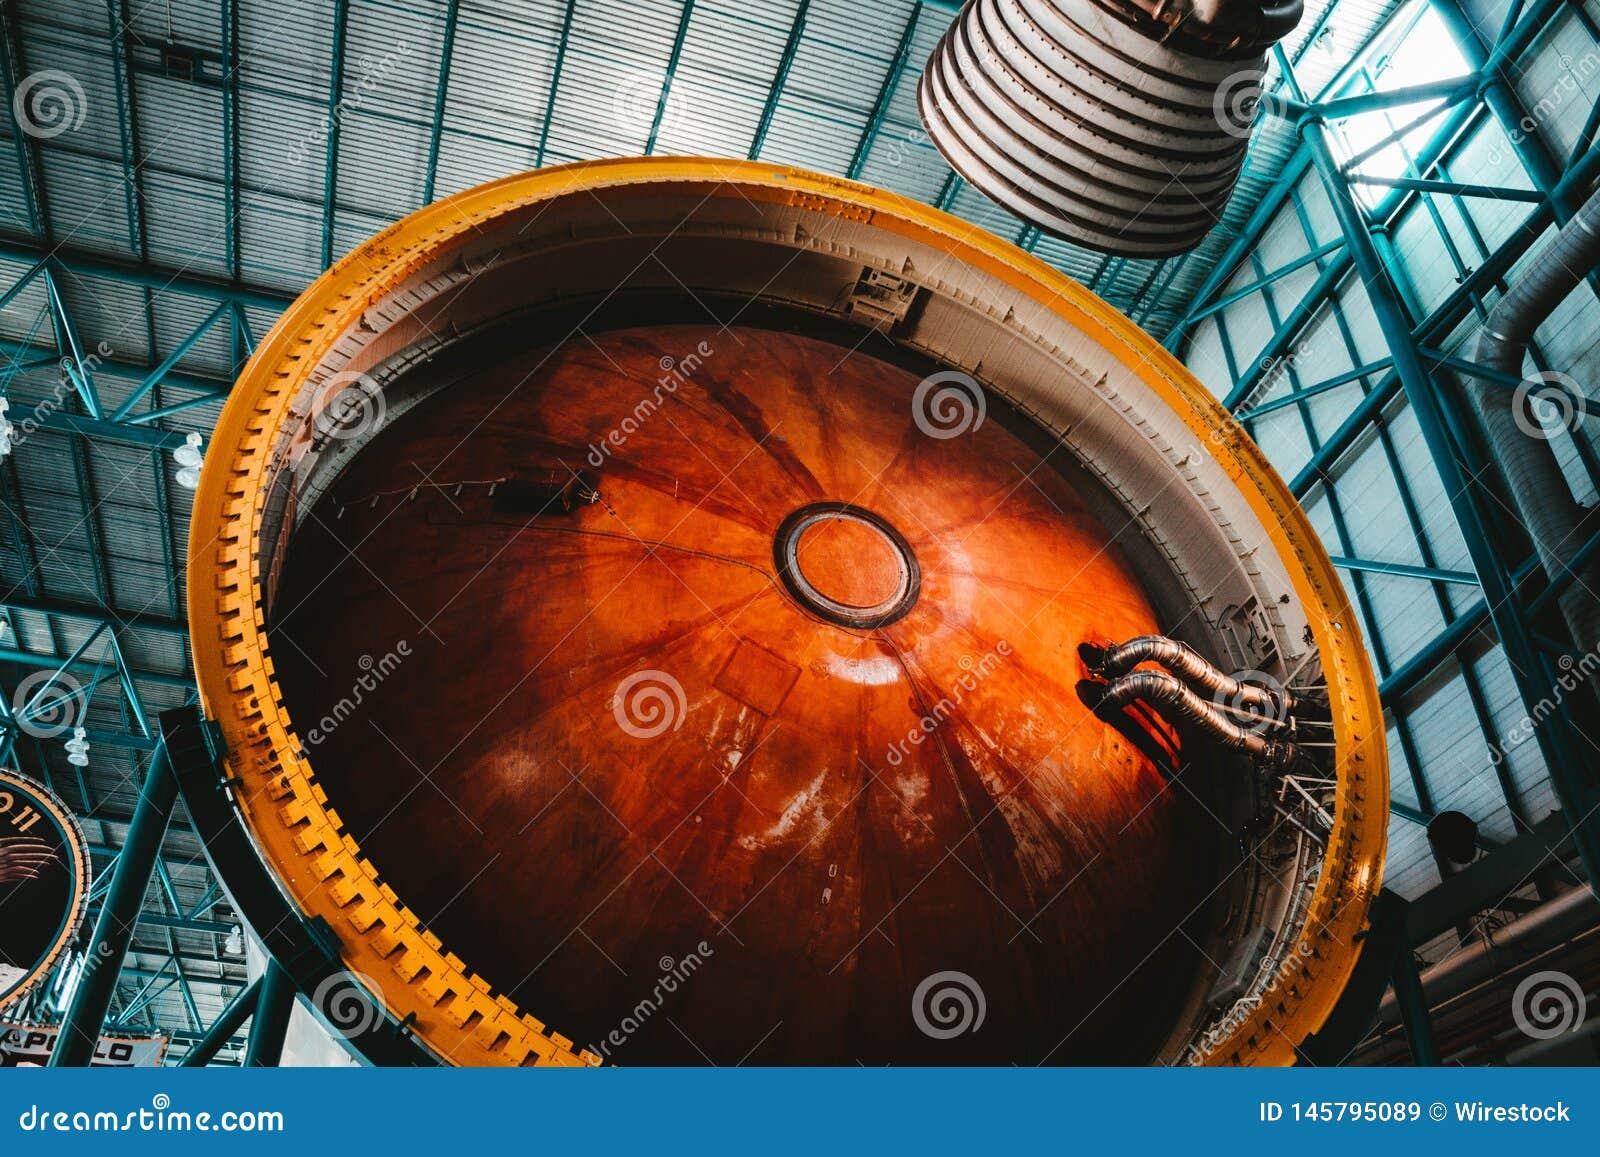 Een proces om een ruimteraketmotor te bouwen